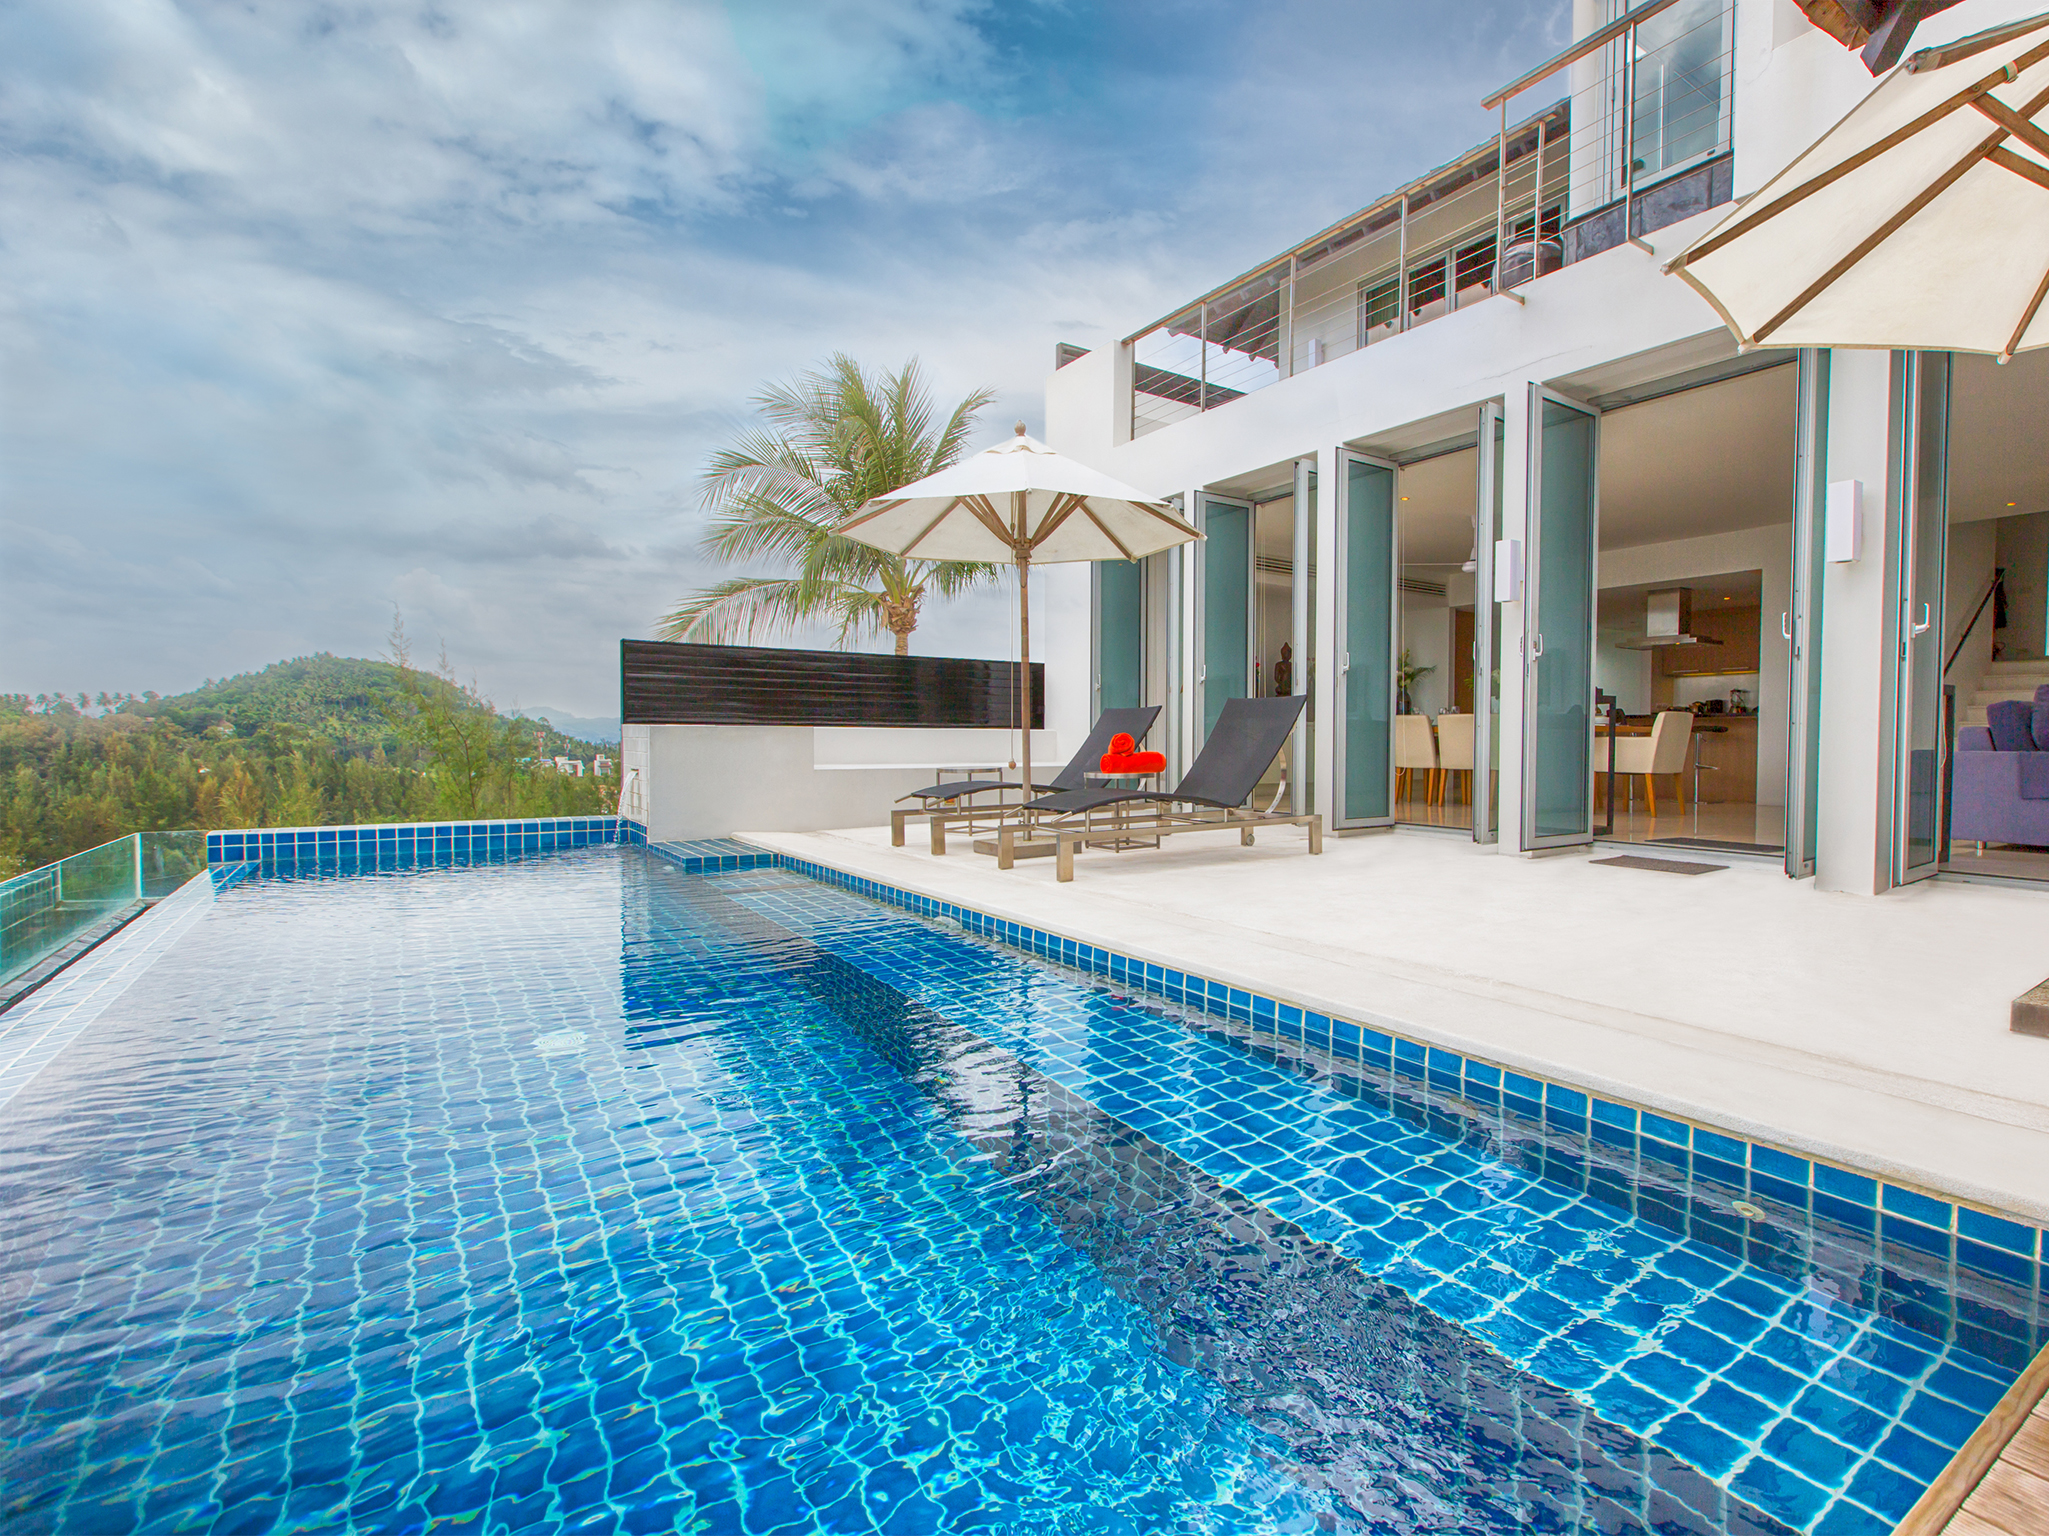 03-Villa Napalai Surin - Outdoor pool area.jpg